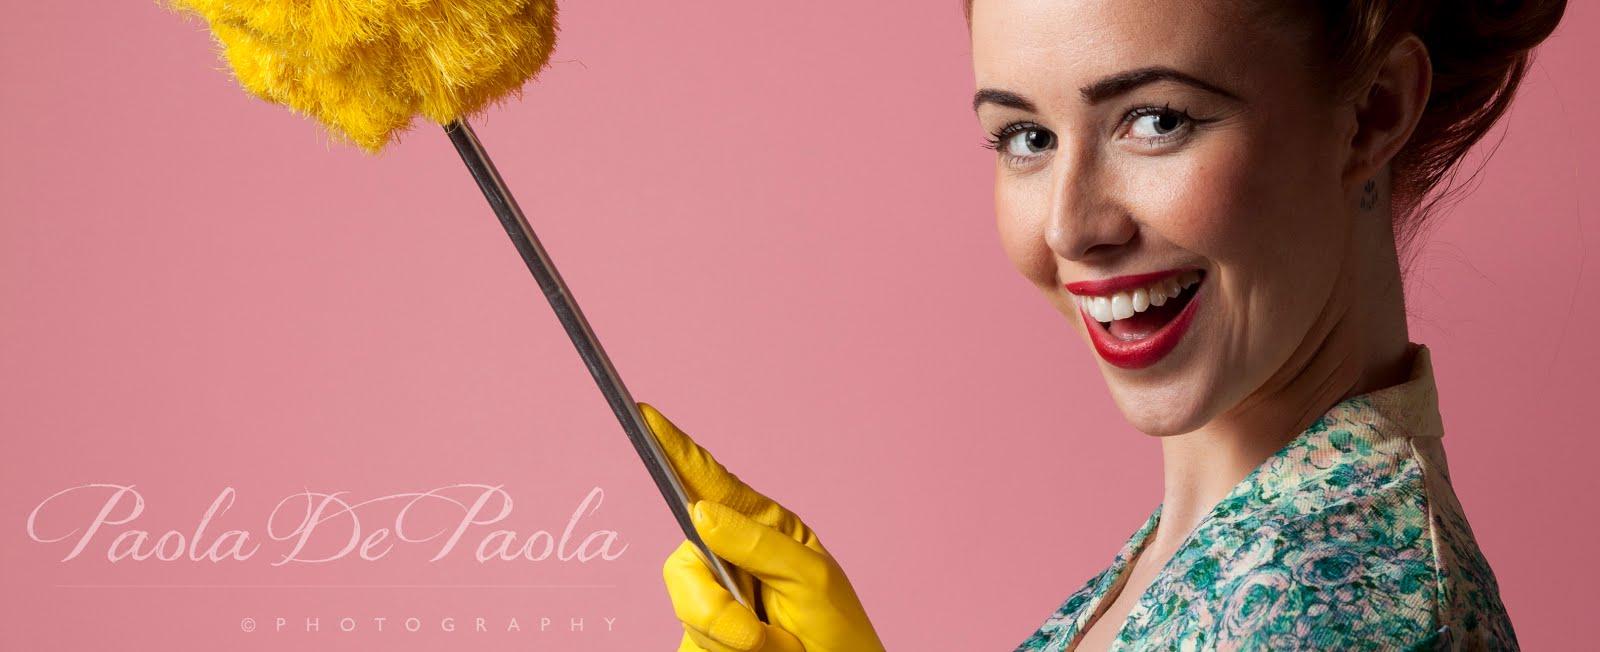 Paola De Paola Photography